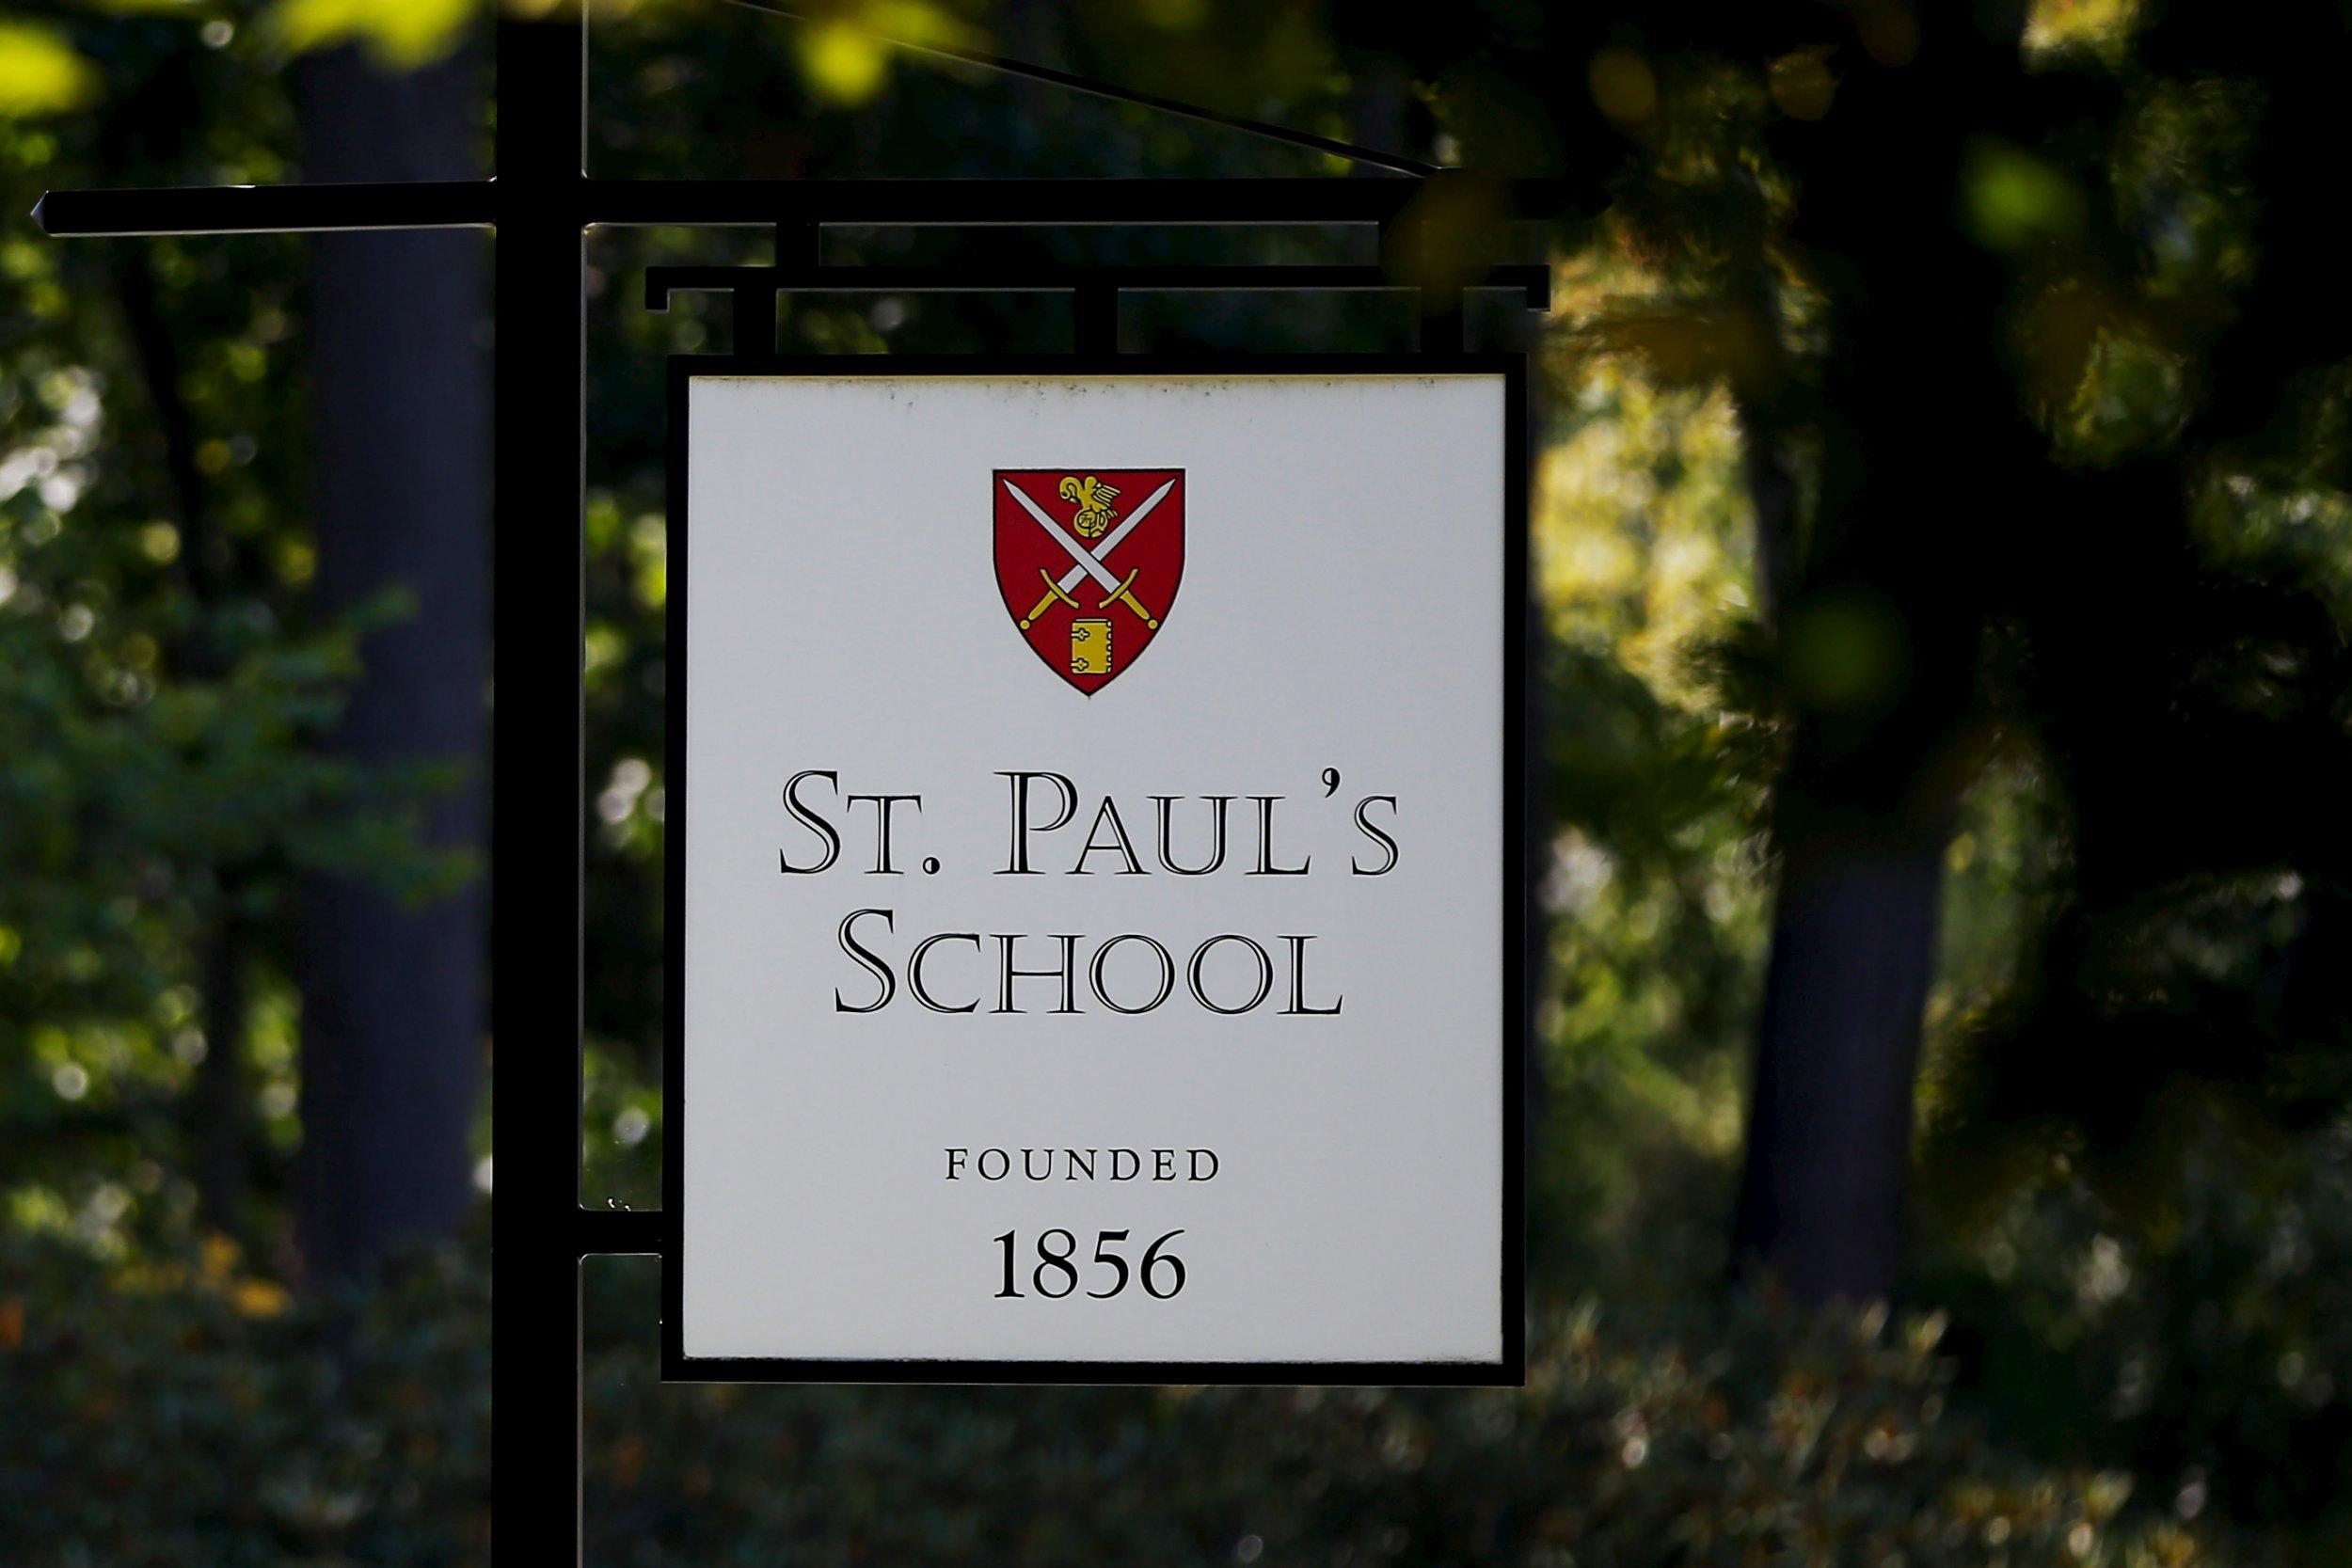 St. Paul School